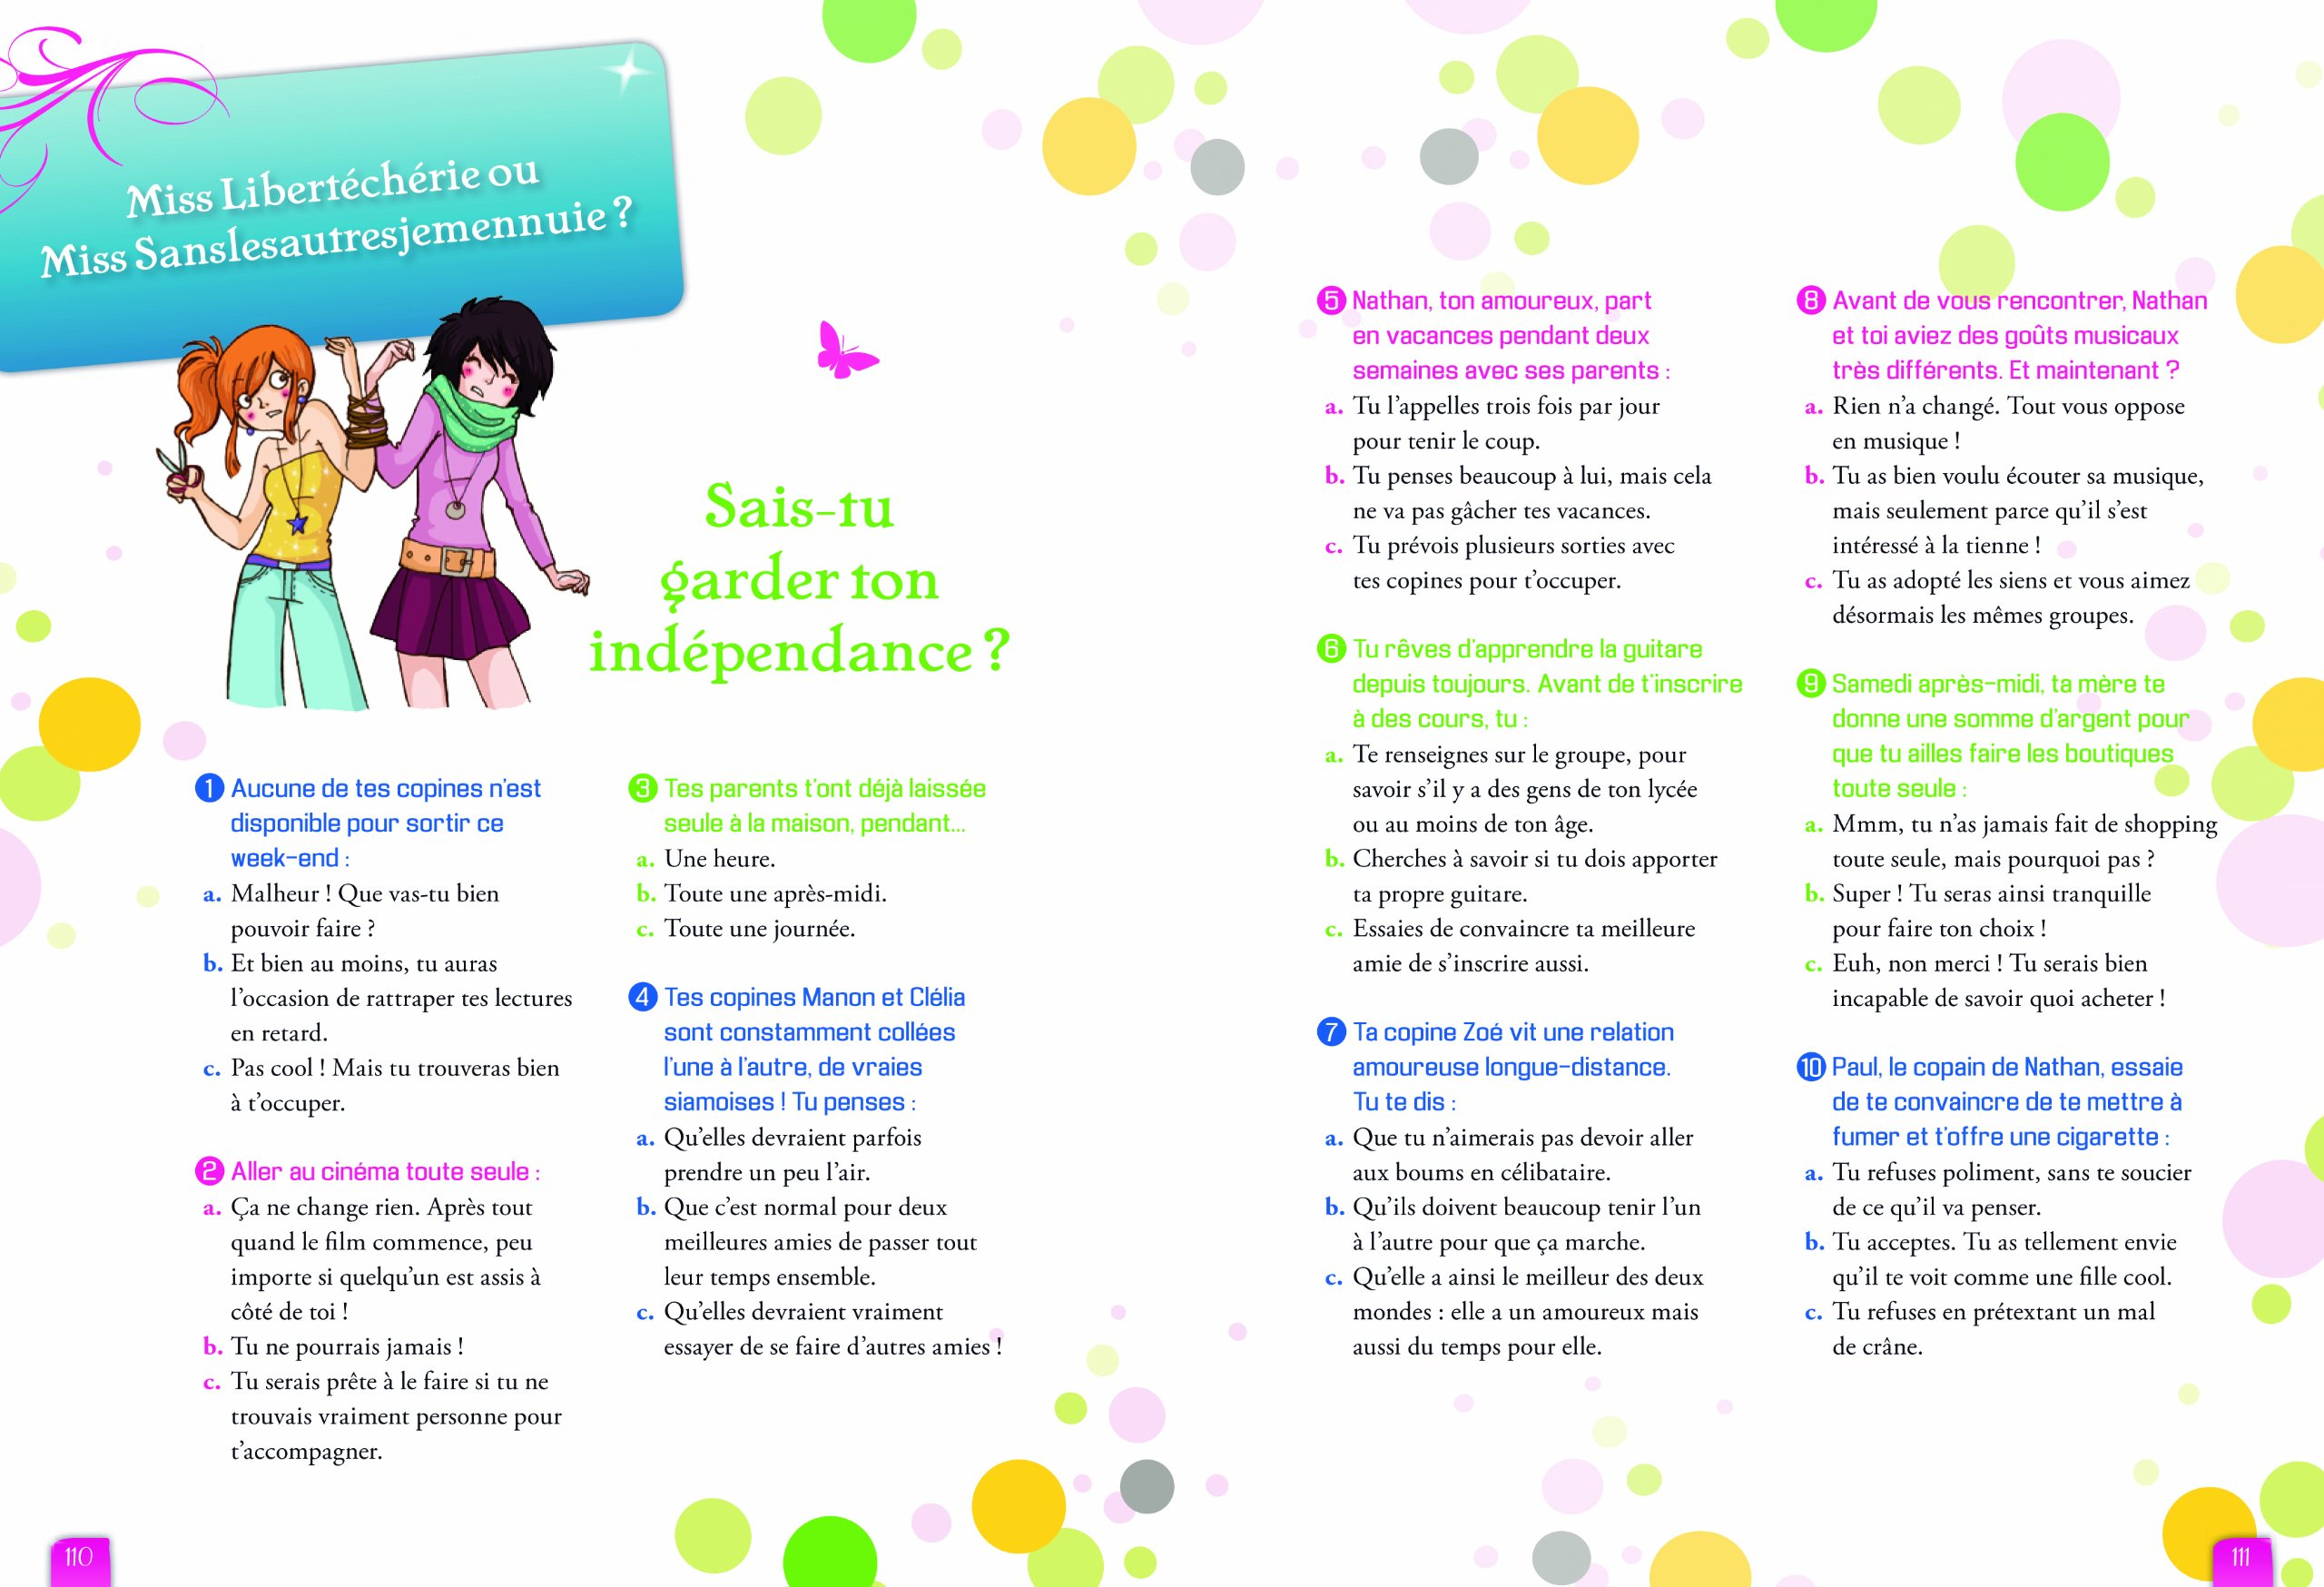 Amazonfr Tests 3 Spécial Amour Et Amitié Pour Les Filles Anne